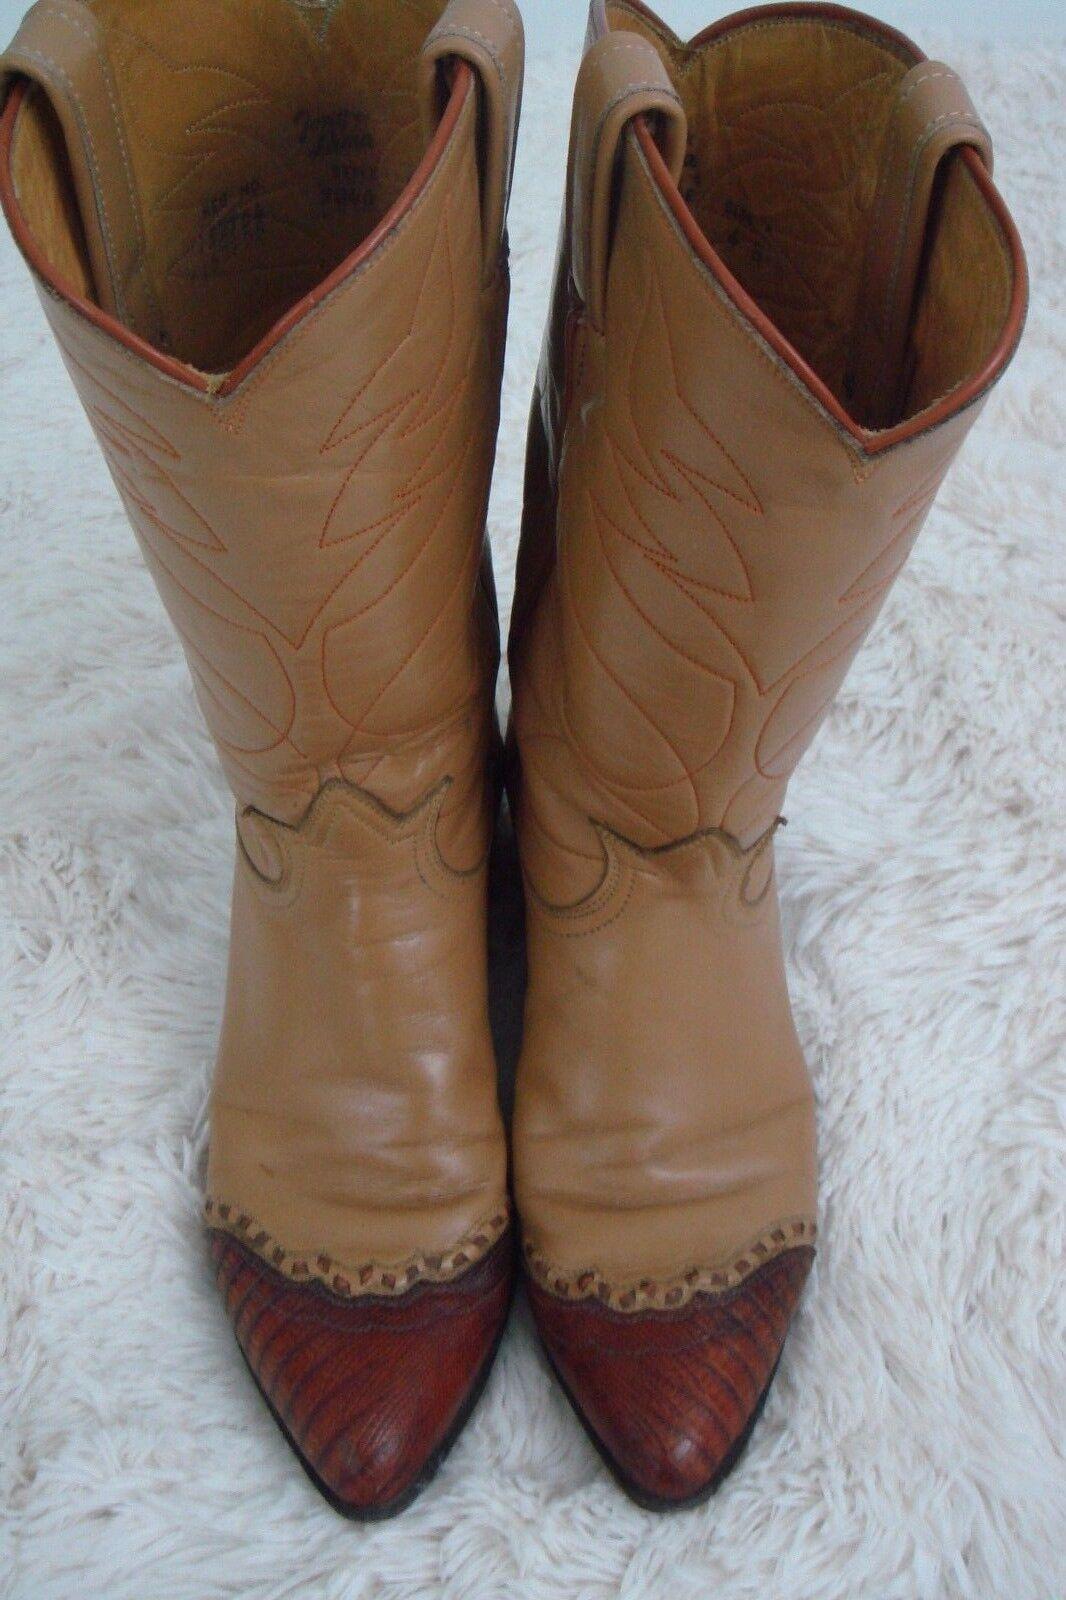 Tony Lama Mujeres botas vaquero occidental de Cuero Lagarto Puntera Vintage B